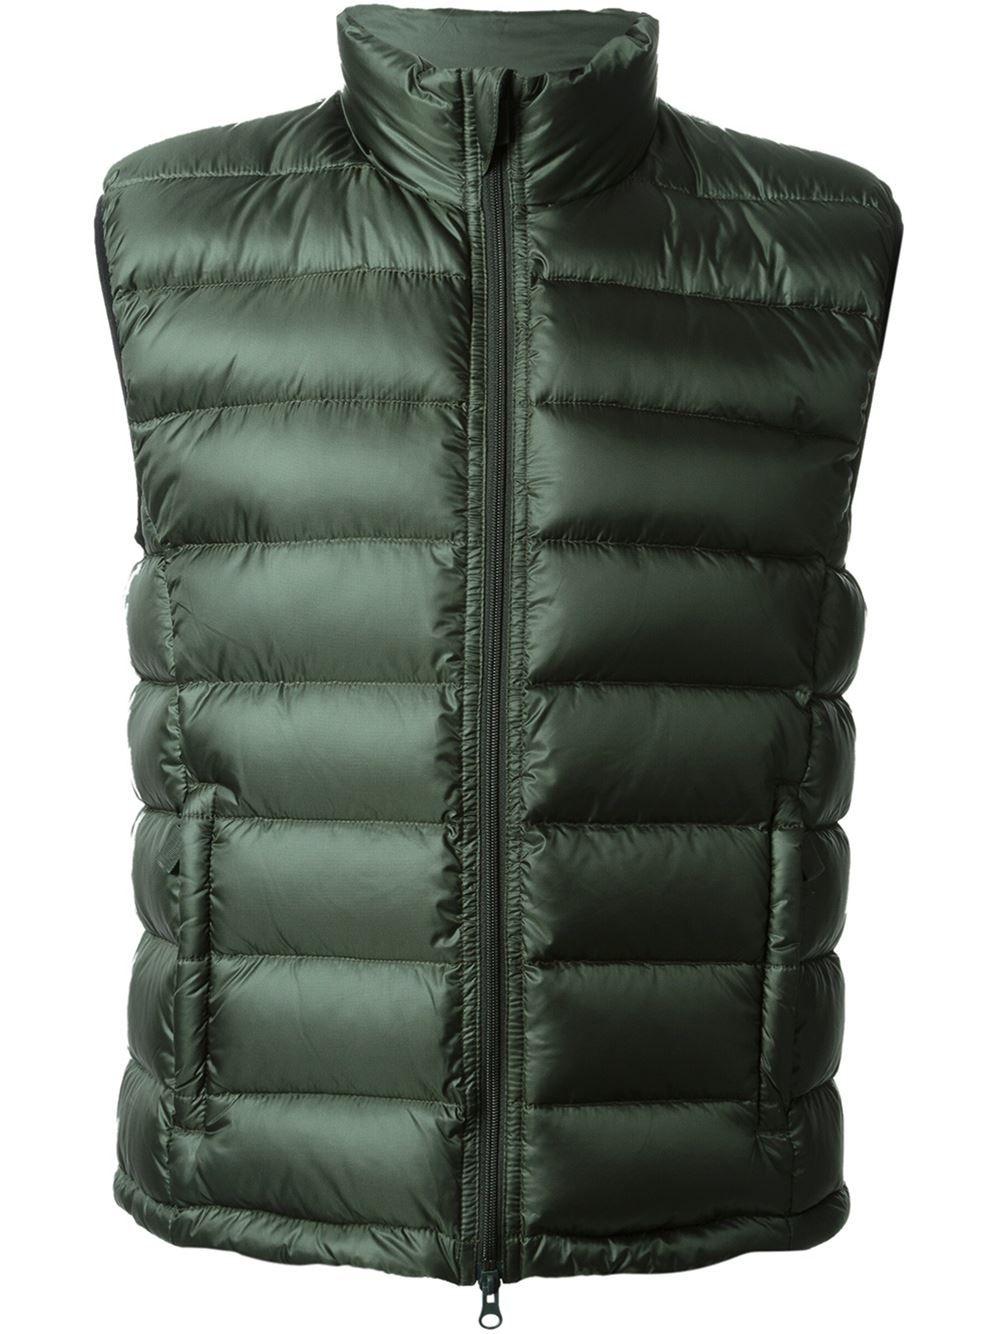 #aspesi #aspesijackets #aspesigillet #aspesivest #vest #paddedvest #paddedgillet #green #mensfashion www.jofre.eu